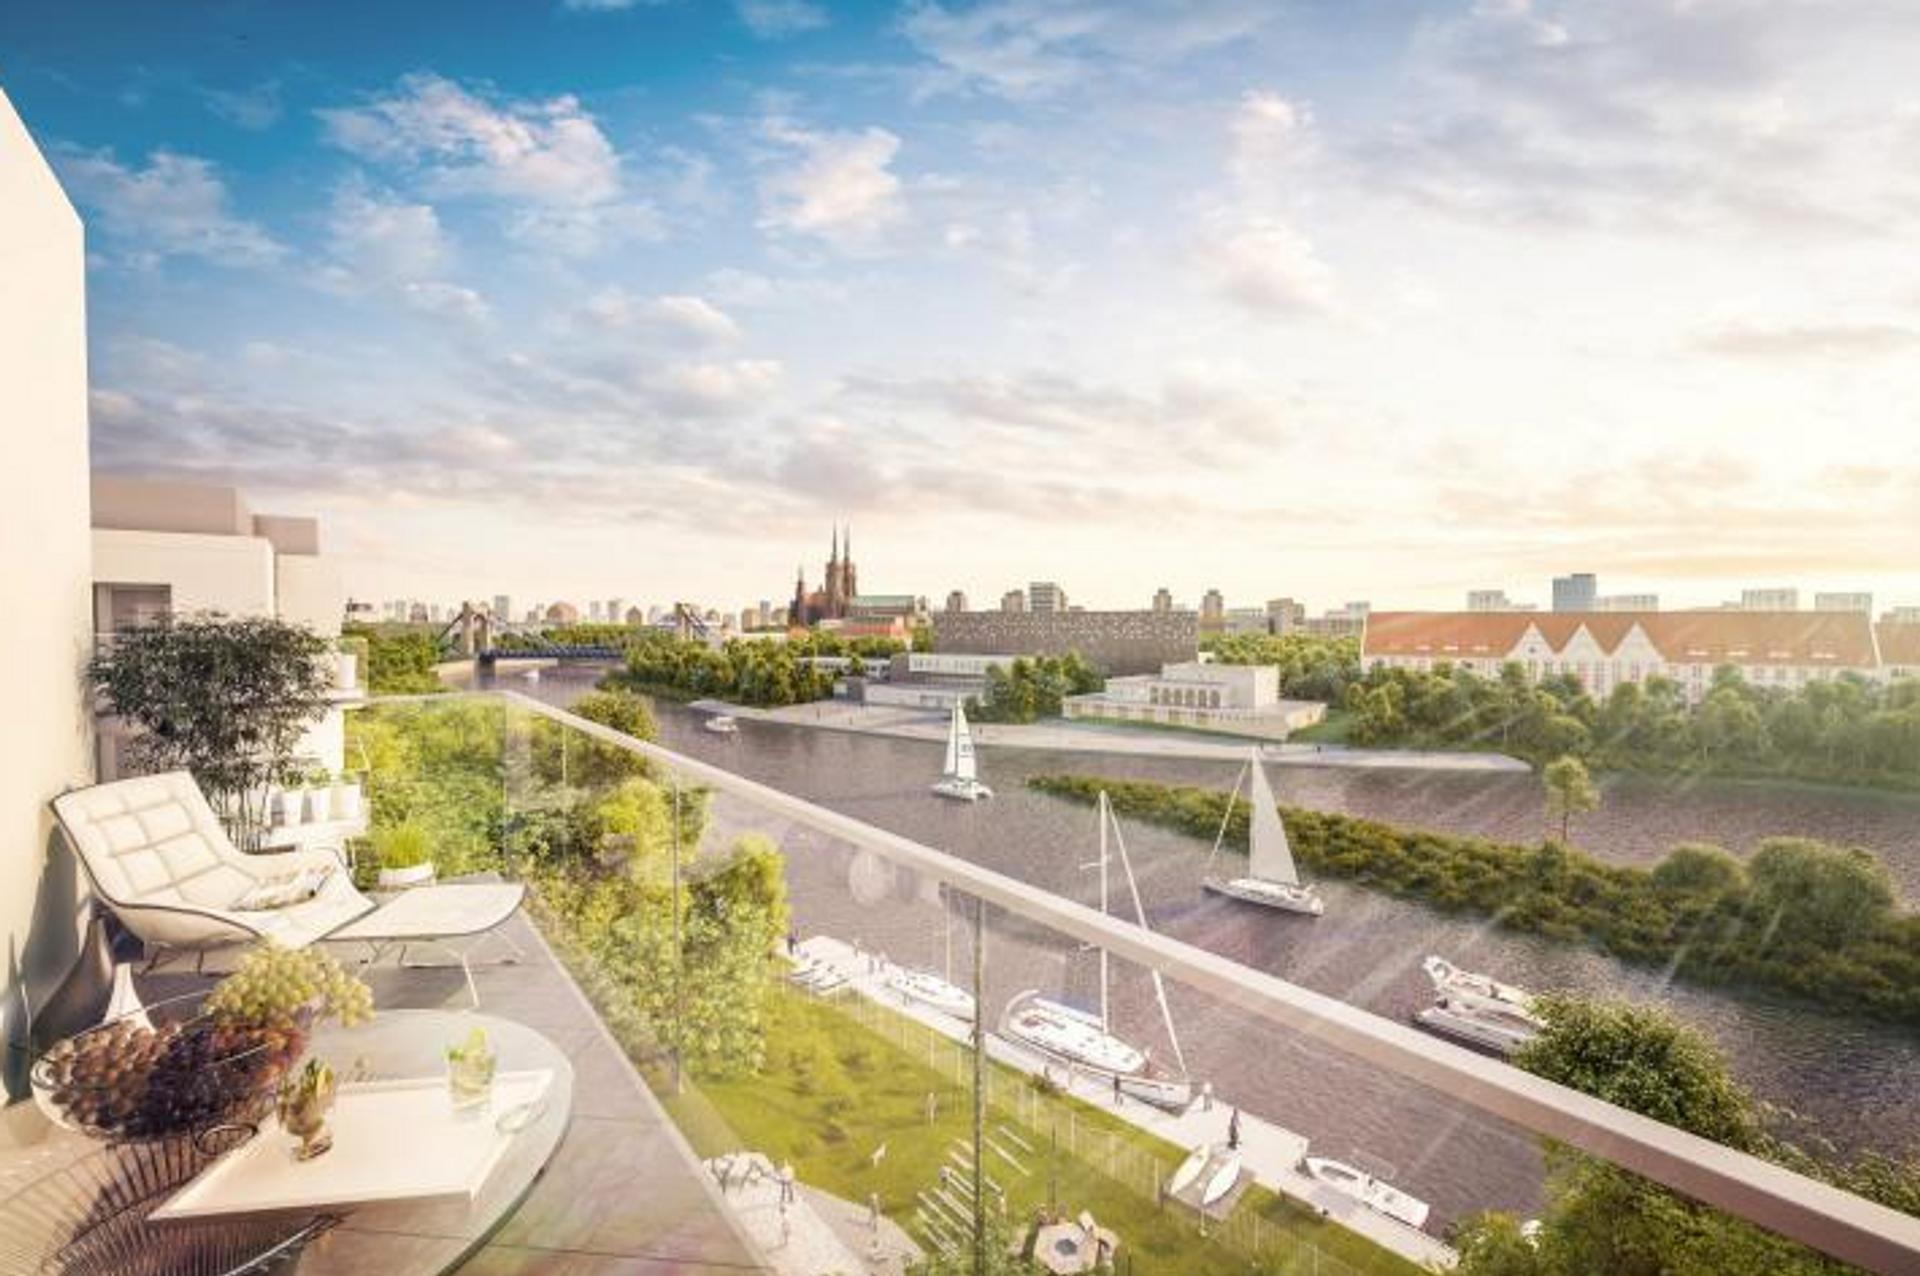 [Wrocław] Ronson wybuduje we Wrocławiu prawie 800 mieszkań